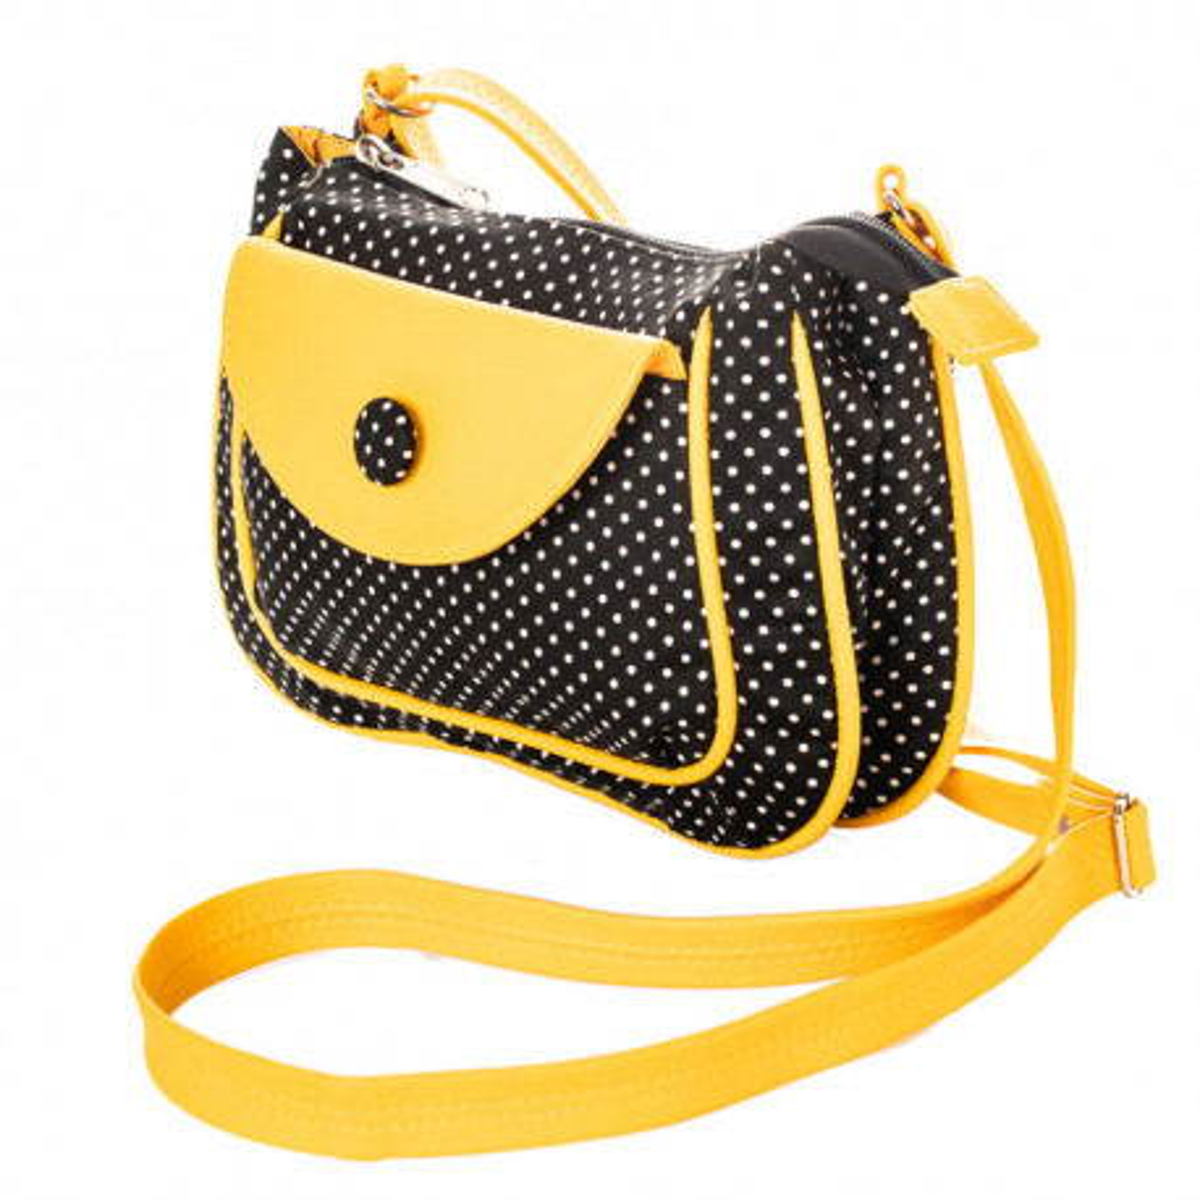 petit sac besace bandoulière tissu jaune et noir à pois blanc